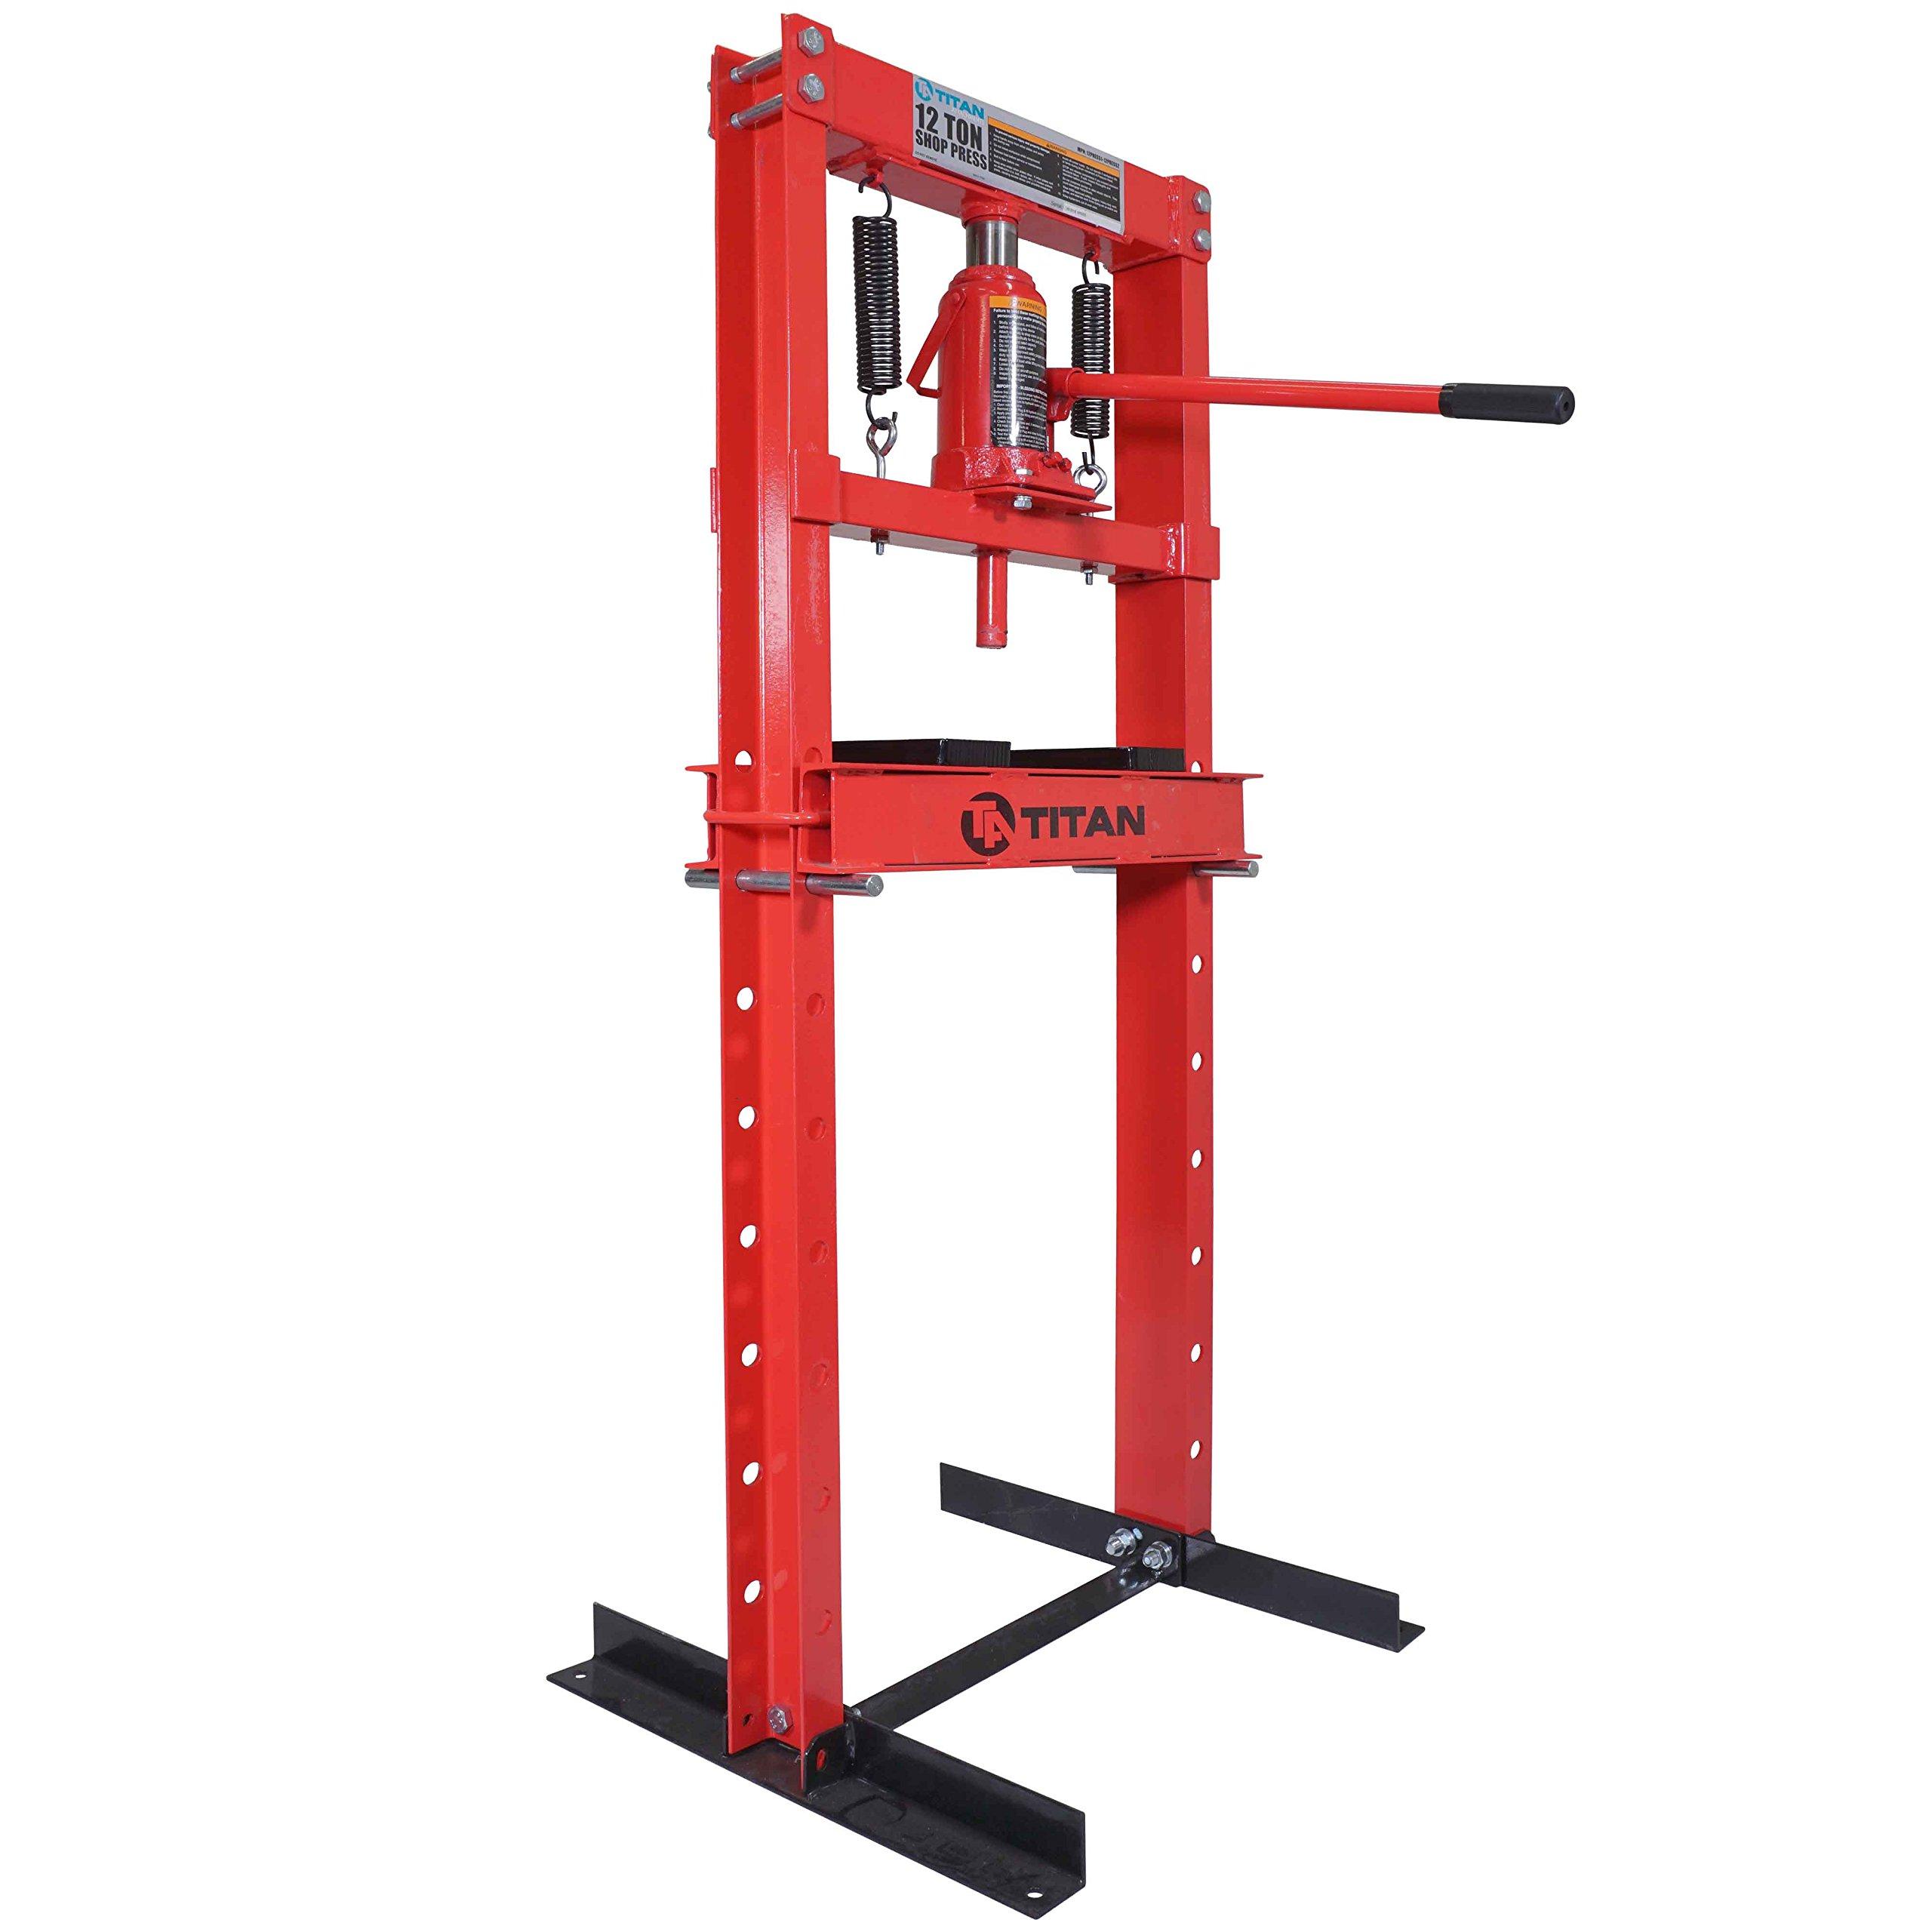 Titan 12 Ton Hydraulic Shop Floor Press H Frame 24000 lb w/ Heavy Duty Steel Plates by Titan Attachments